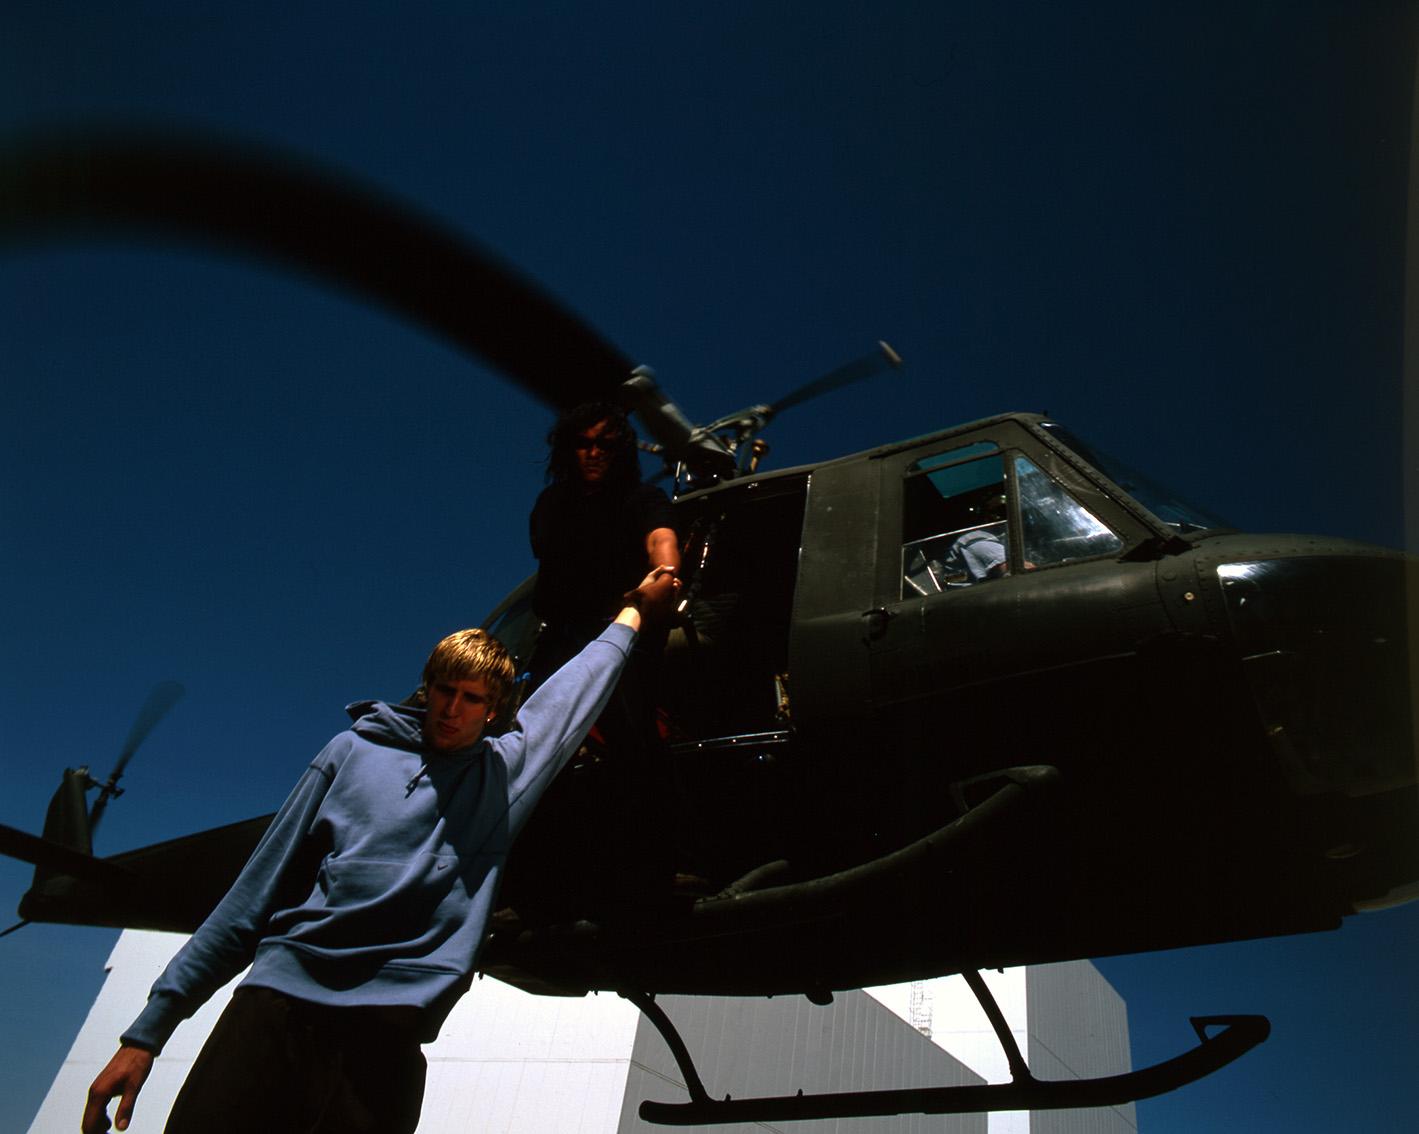 Nike - mand hænger i arm ud af chopper